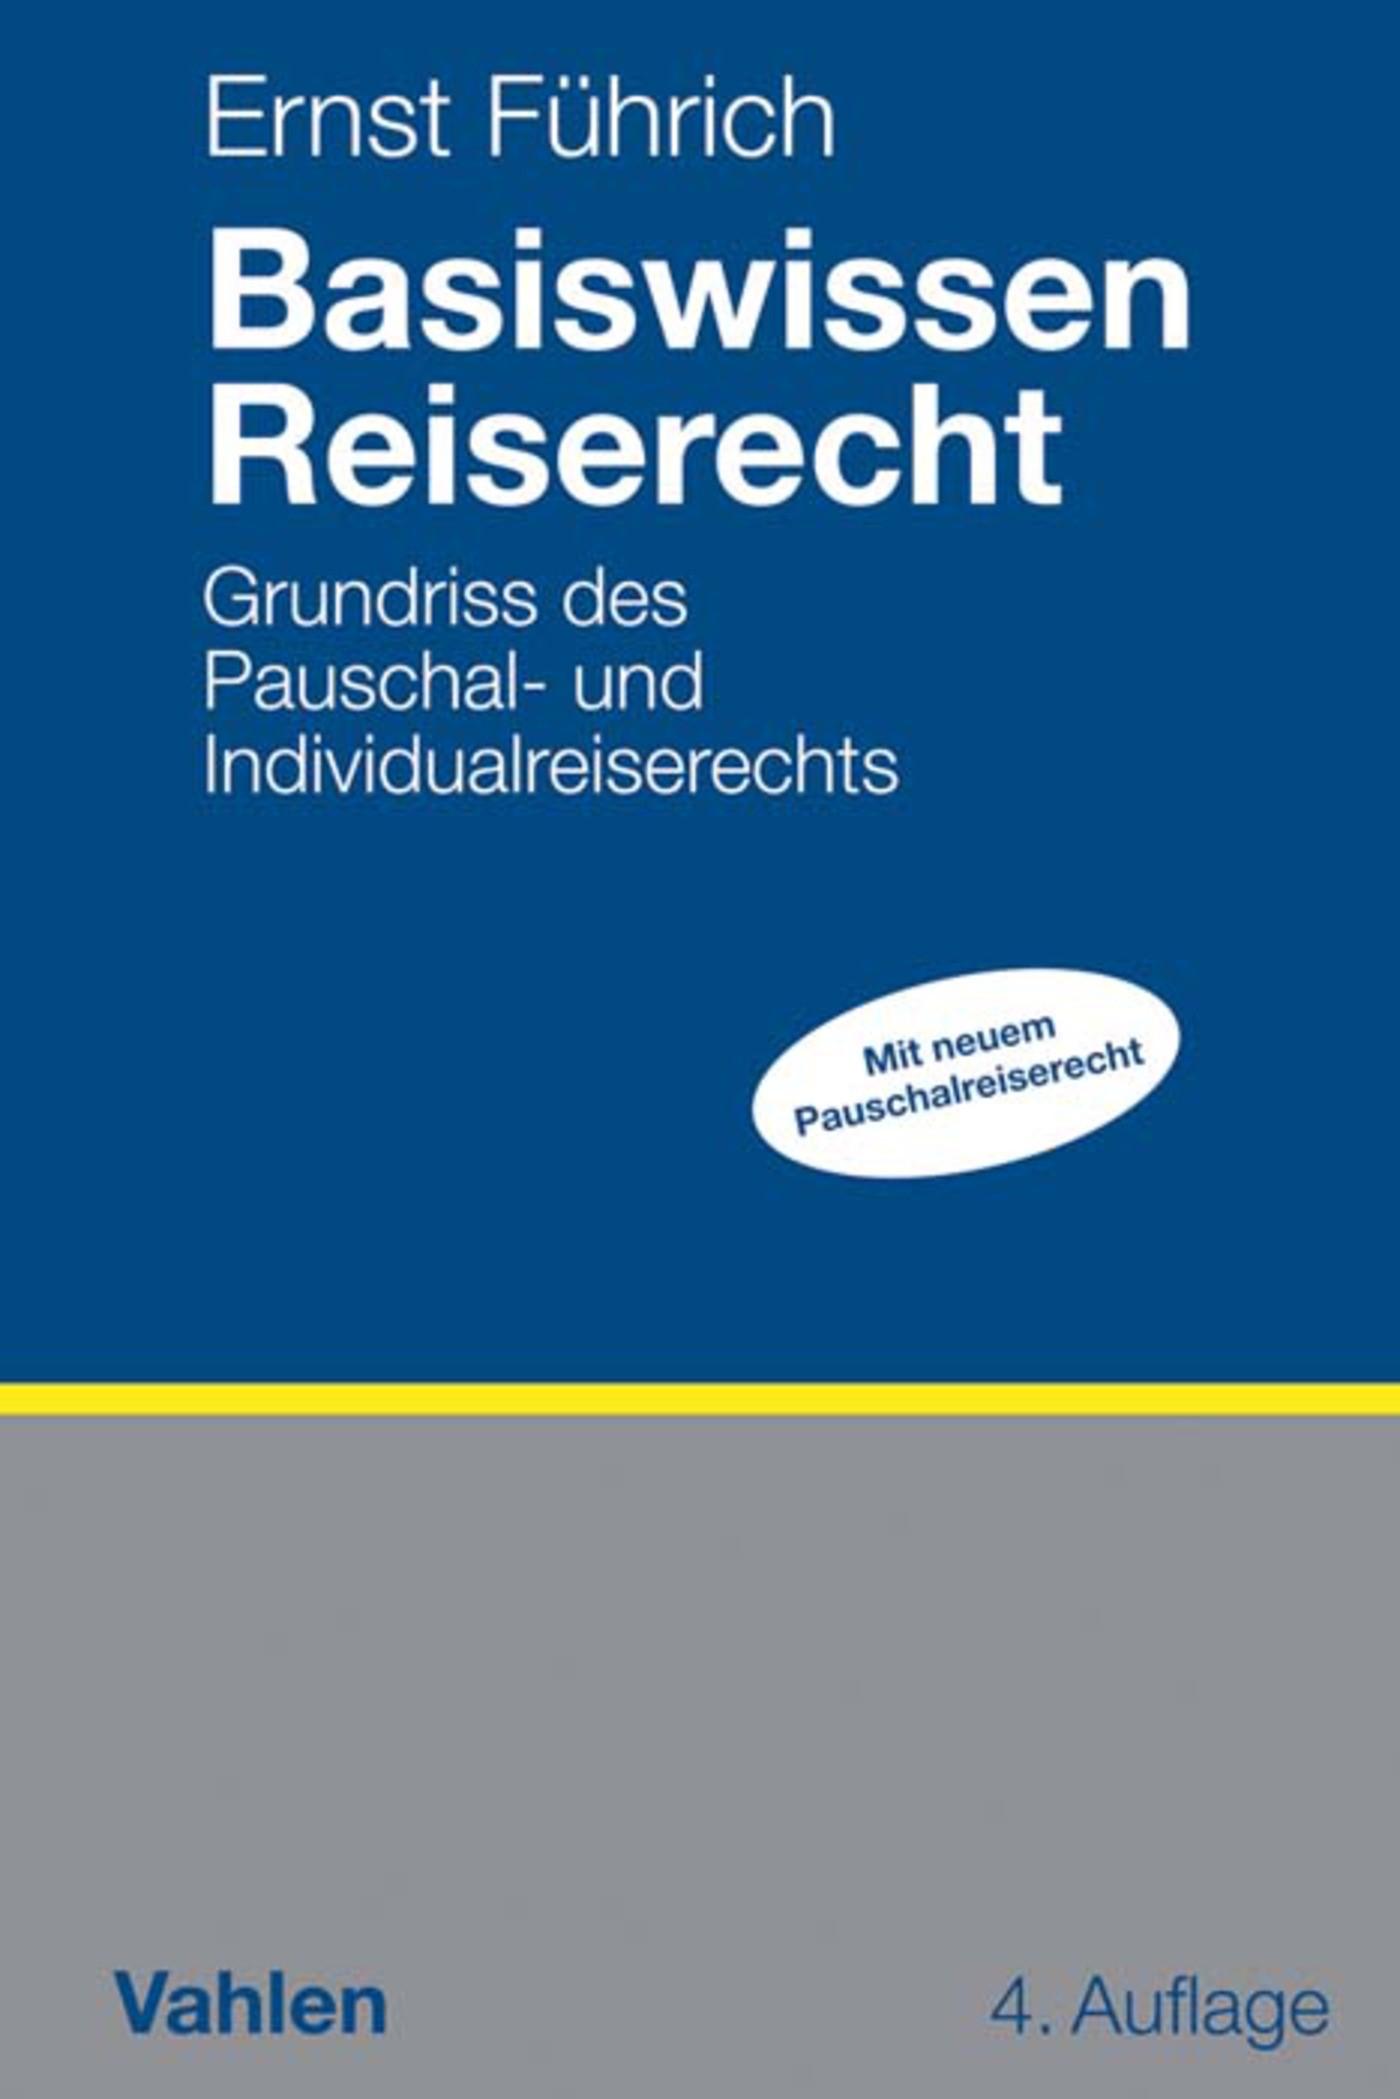 Basiswissen Reiserecht | Führich | 4. Auflage, 2018 | eBook (Cover)